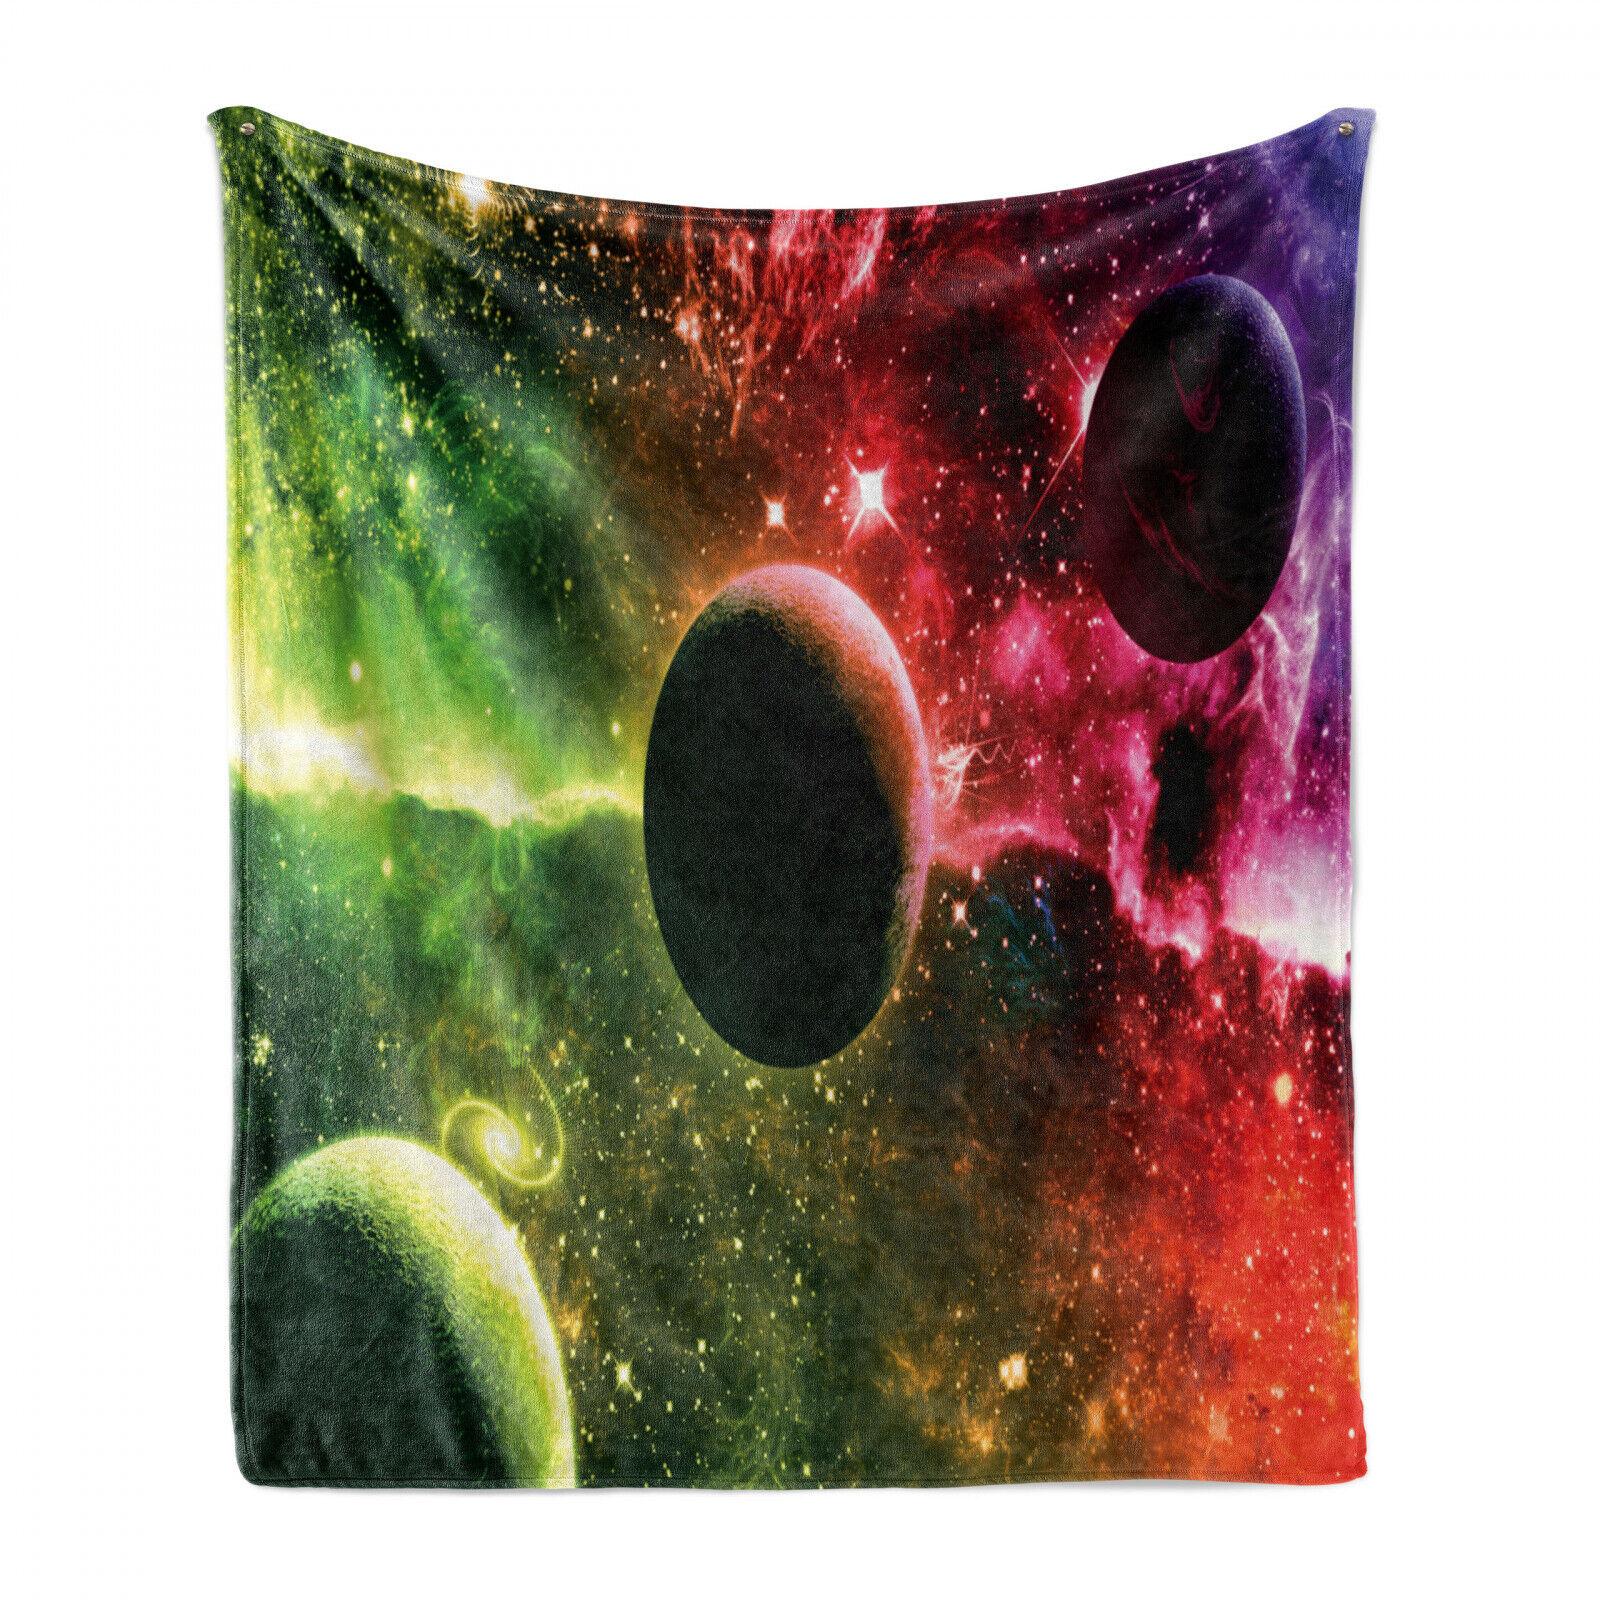 Psychedelisch Weich Flanell Fleece Decke Cosmos Galaxy Nebula